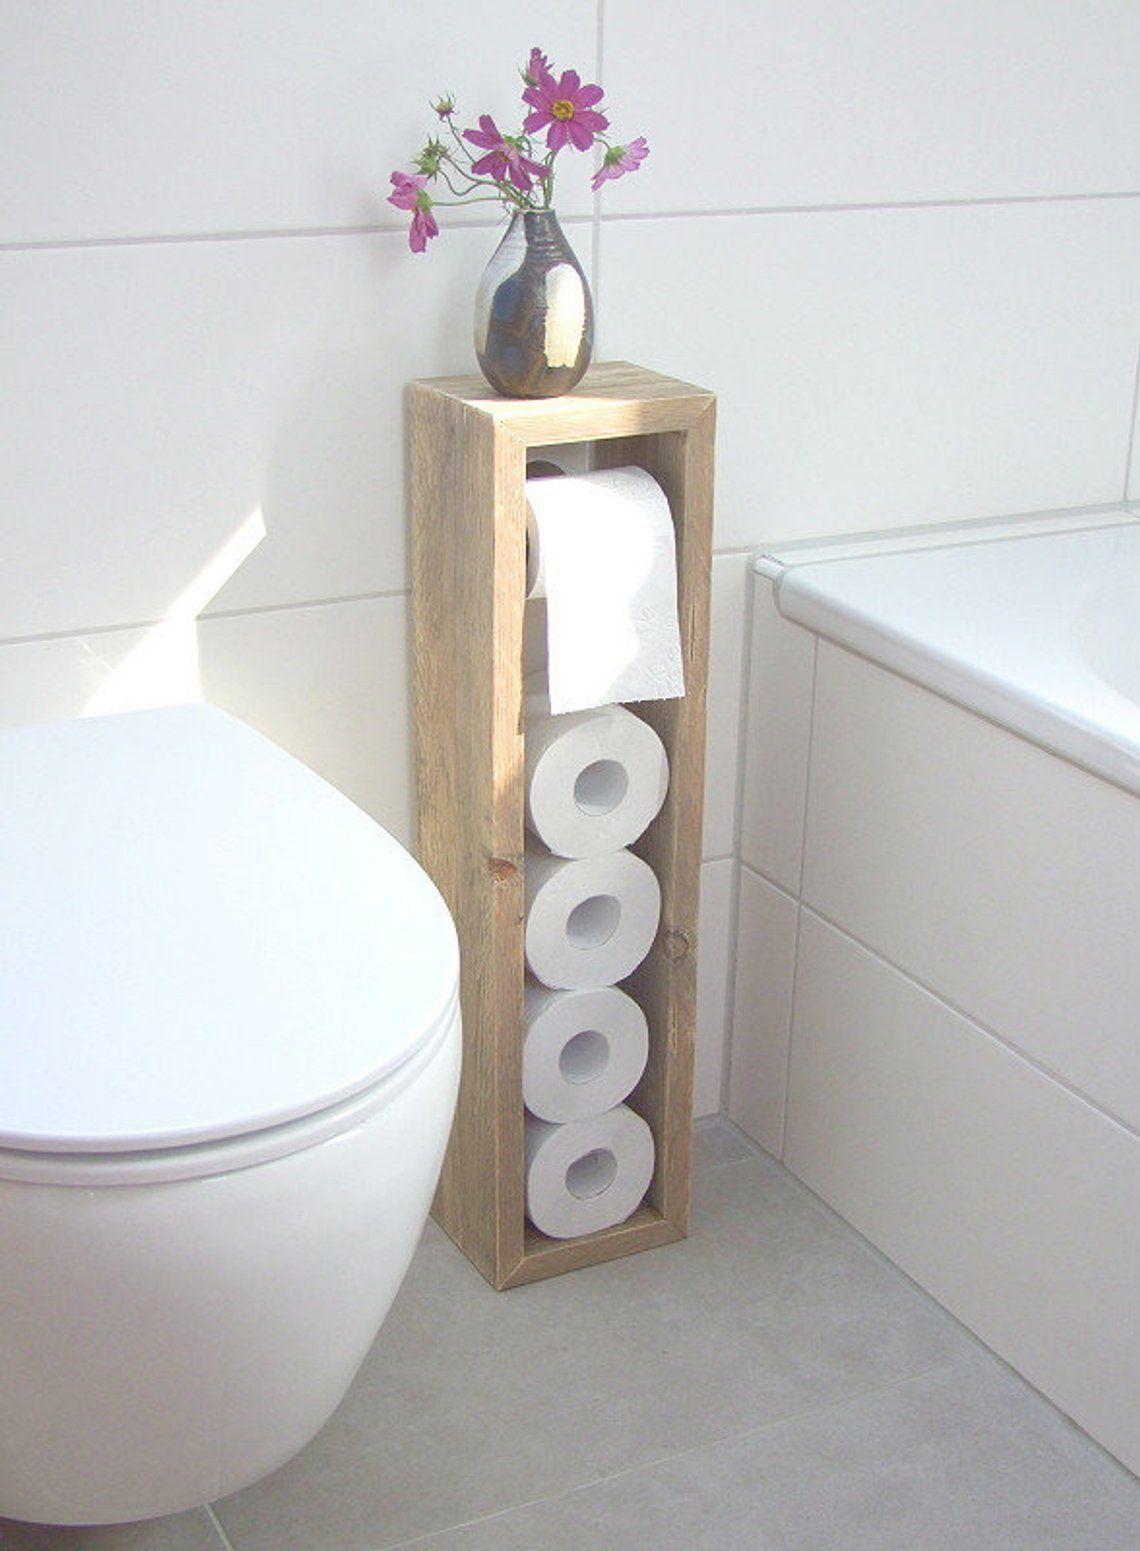 Photo of Ähnliche Artikel wie Toilettenpapierhalter, Toilettenpapierständer, Klopapierh…